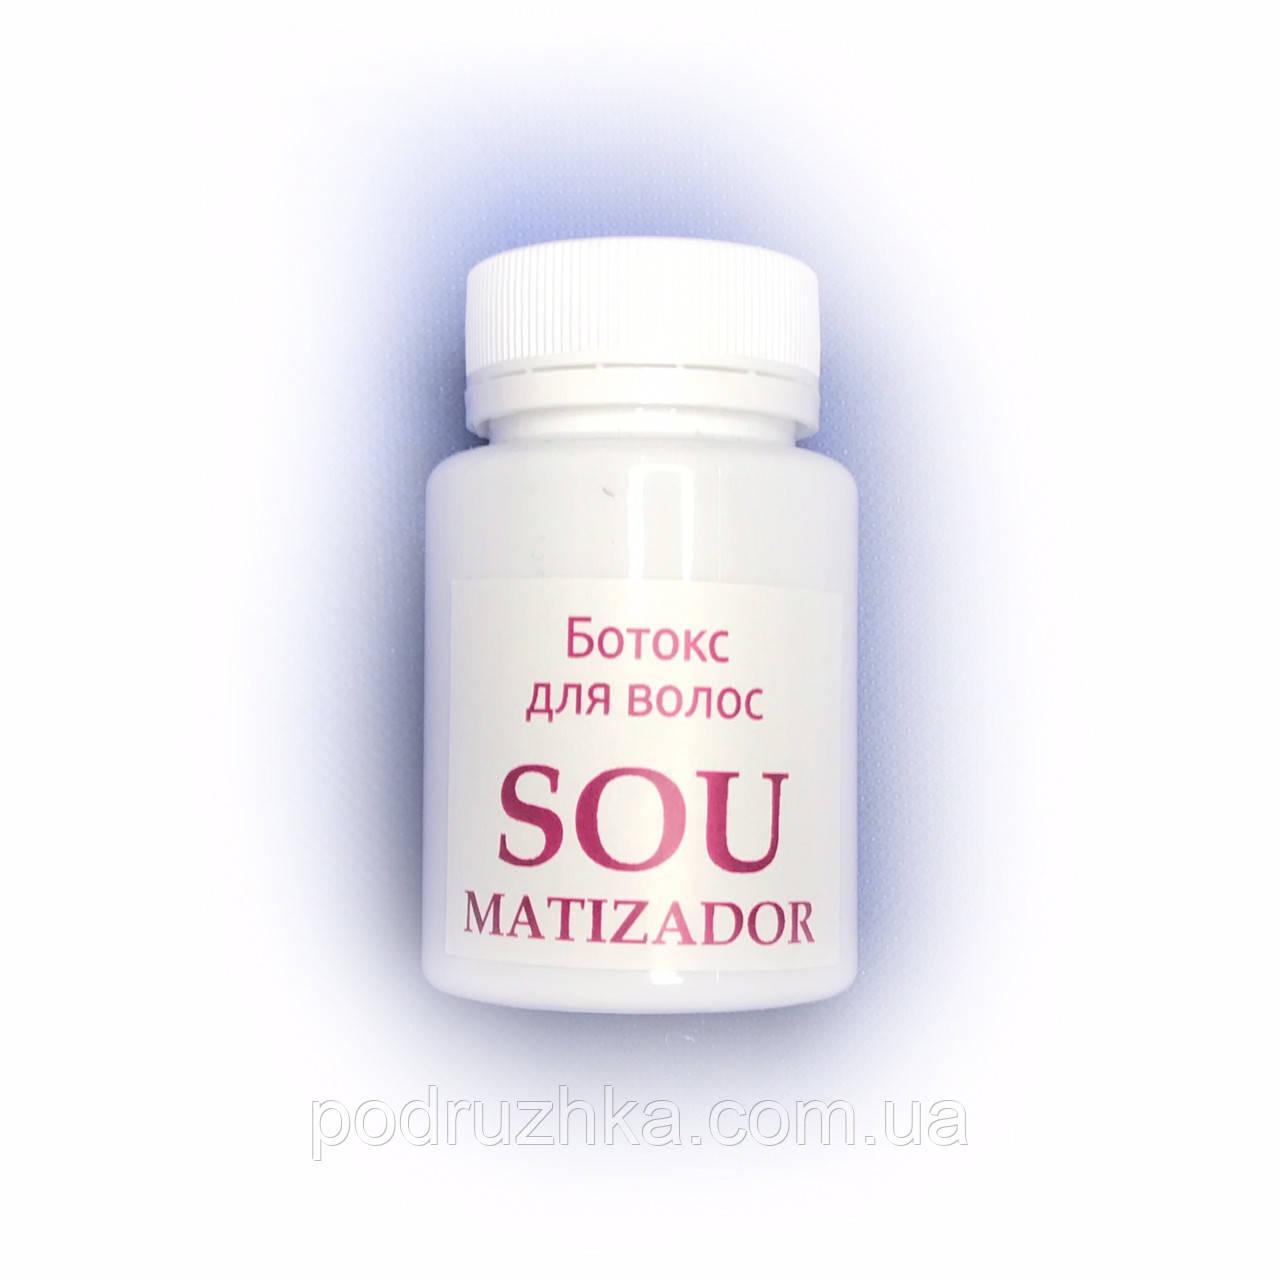 Ботокс для волос XBTX SOU Loira Lisa Matizador 50 г